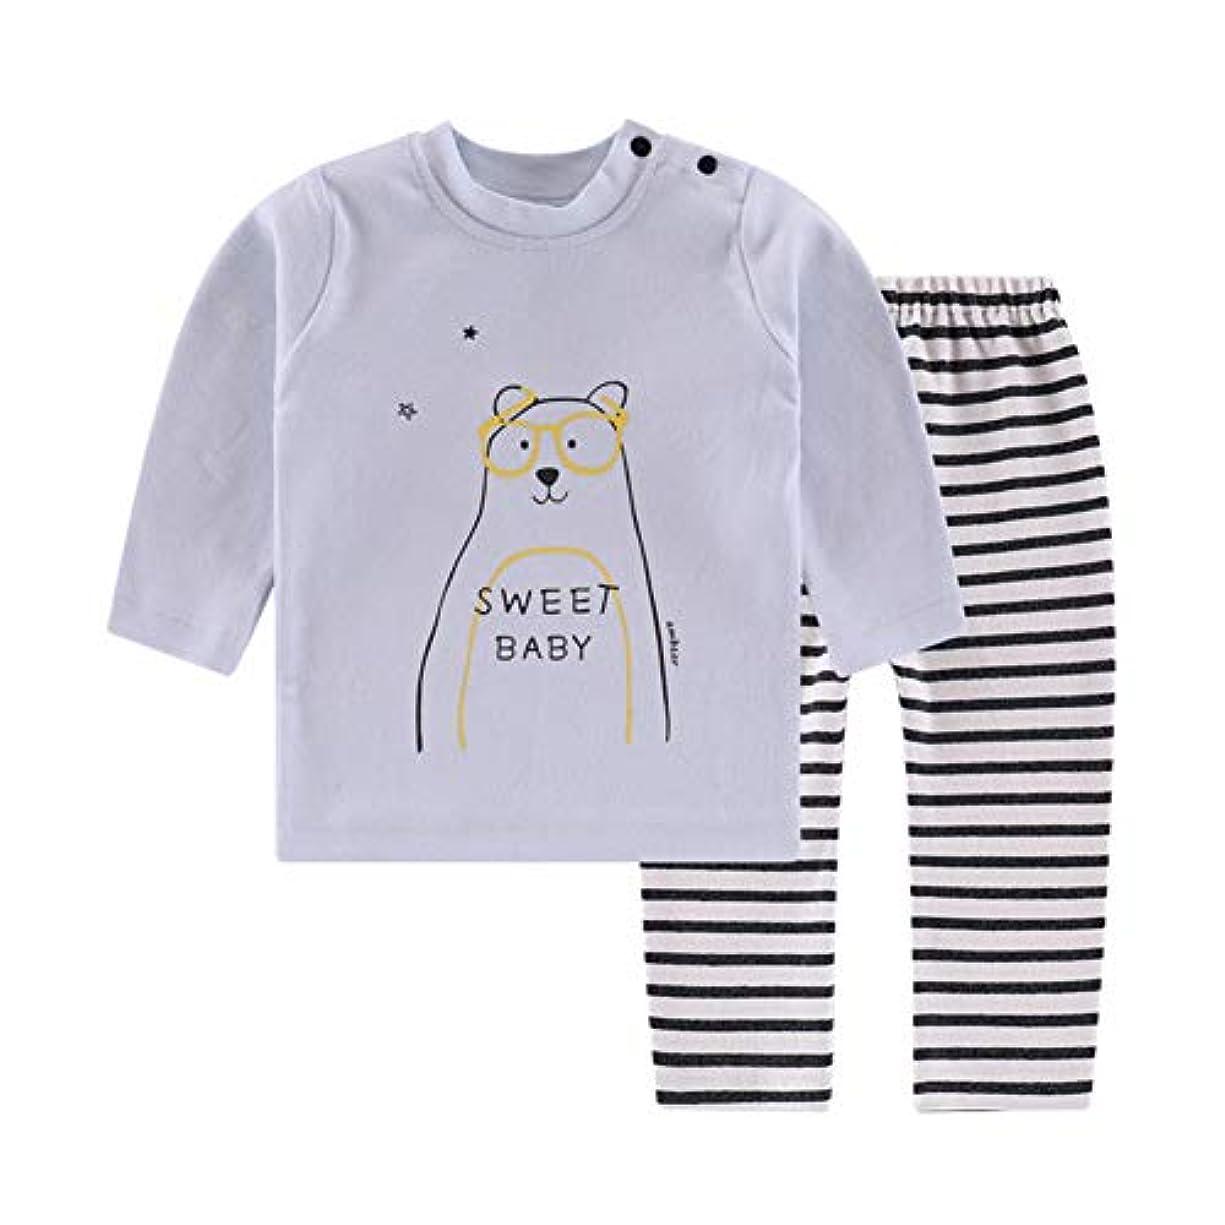 系譜入浴温帯Mornyray ベビー服 ルームウェア Tシャツ ロングtシャツ カットソー 部屋着 長袖 ズボン 帽子 2点セット 男の子 女の子 幼児 0-2歳 size 12M (ブルー)